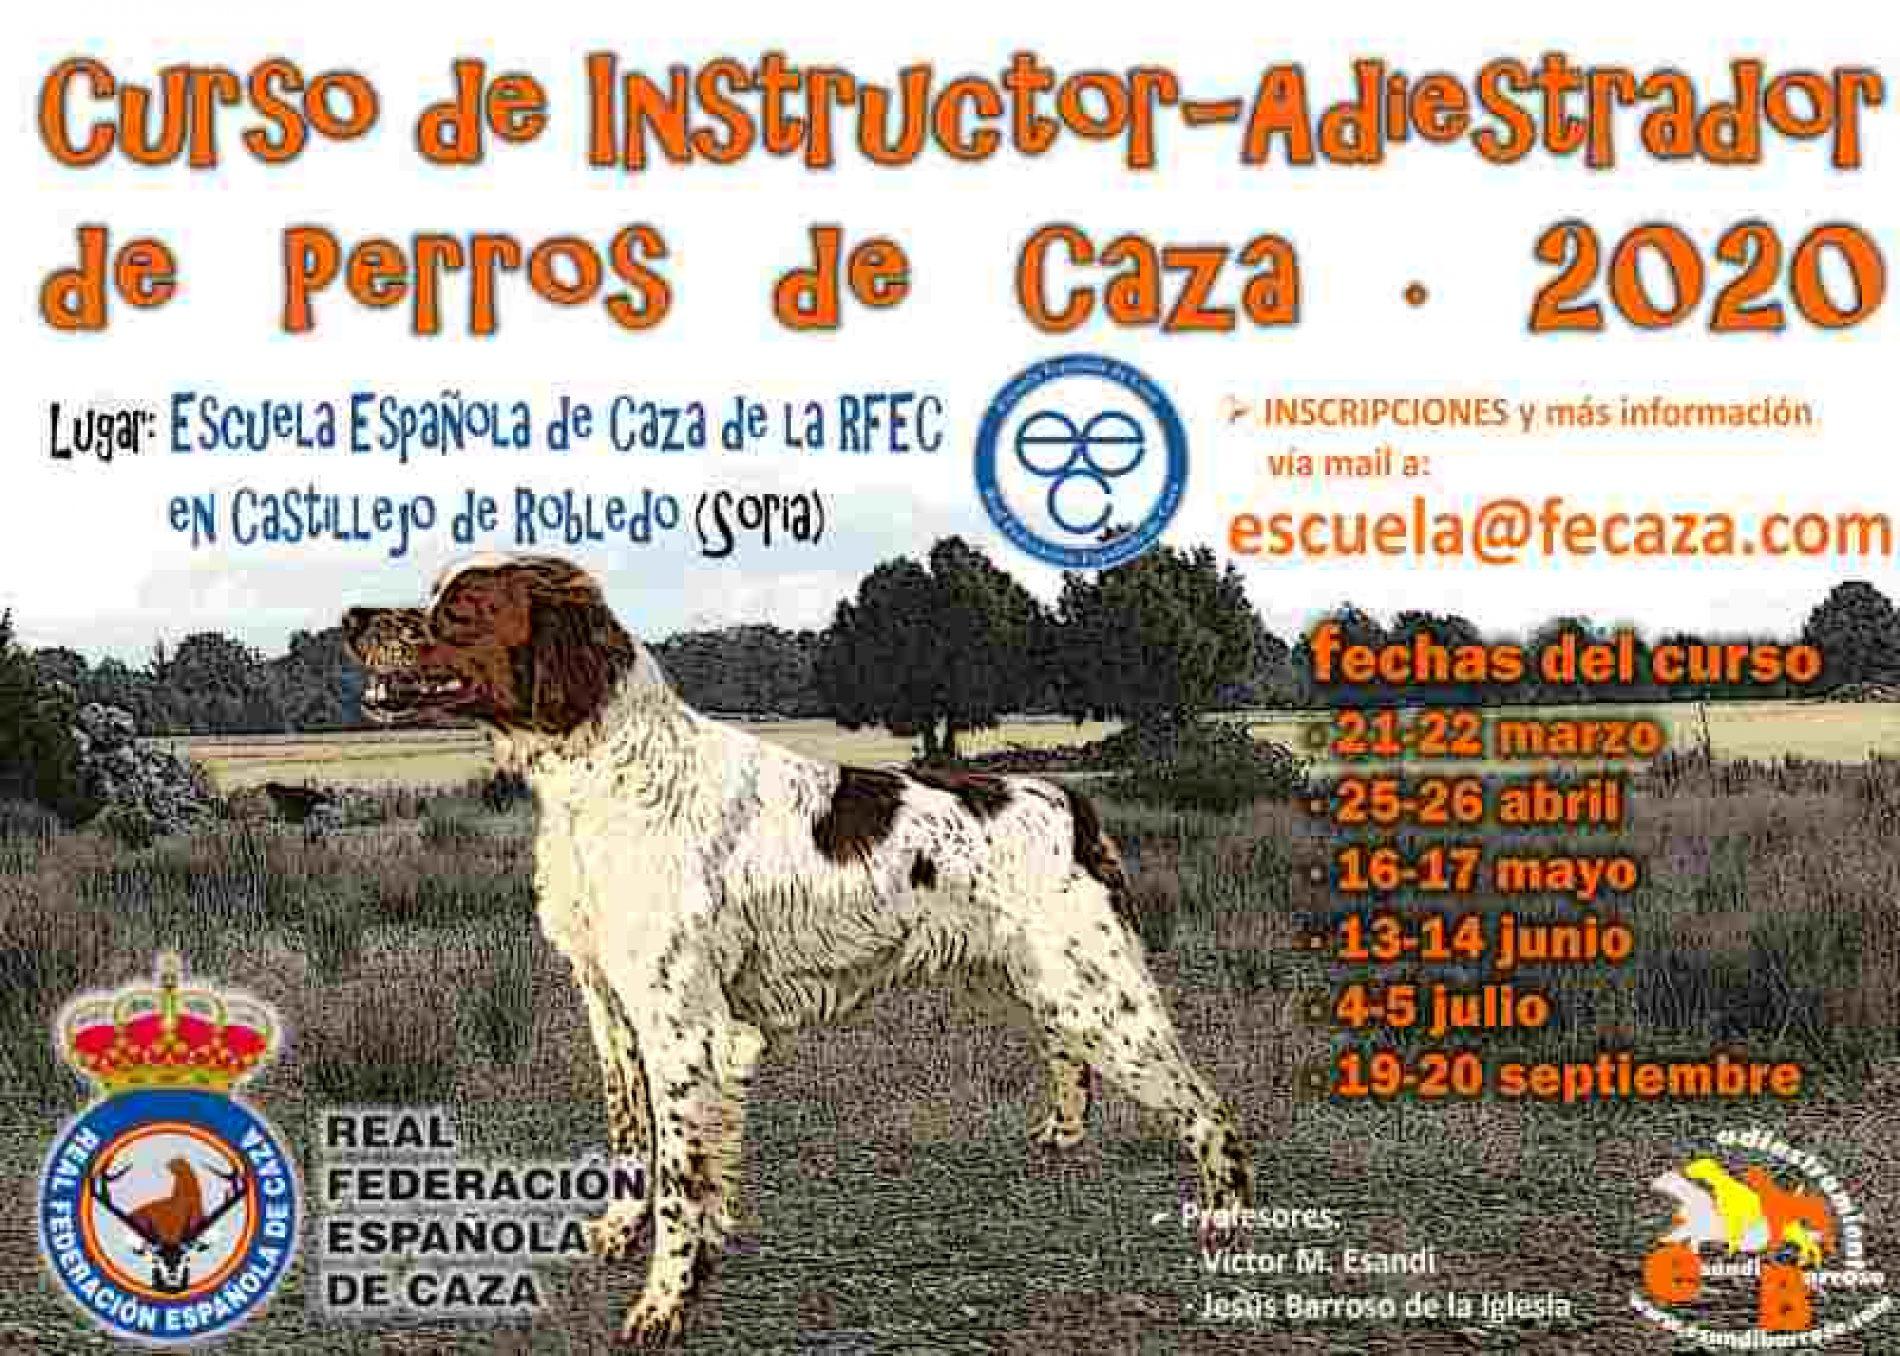 La Escuela Española de Caza organiza un curso de instructor-adiestrador de perros de caza